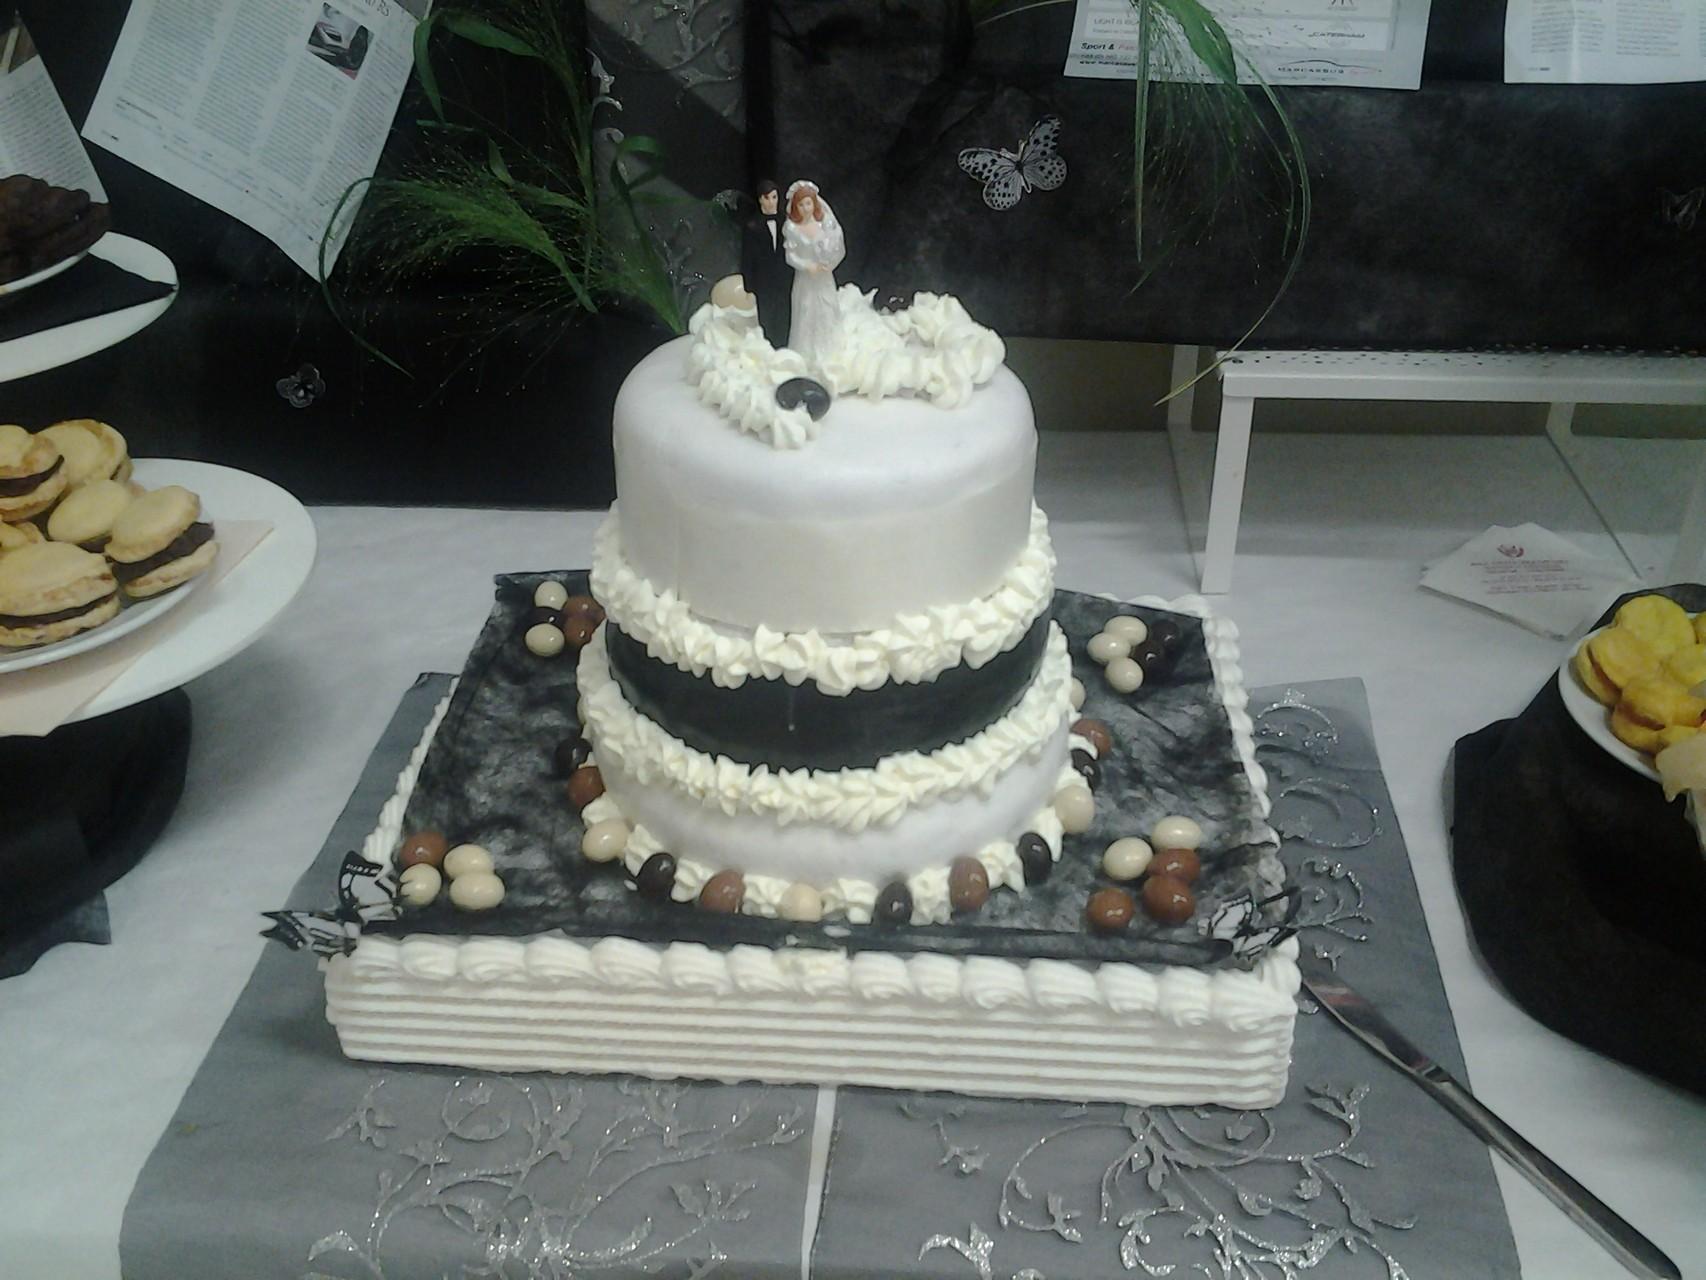 Weeding cake au chocolat